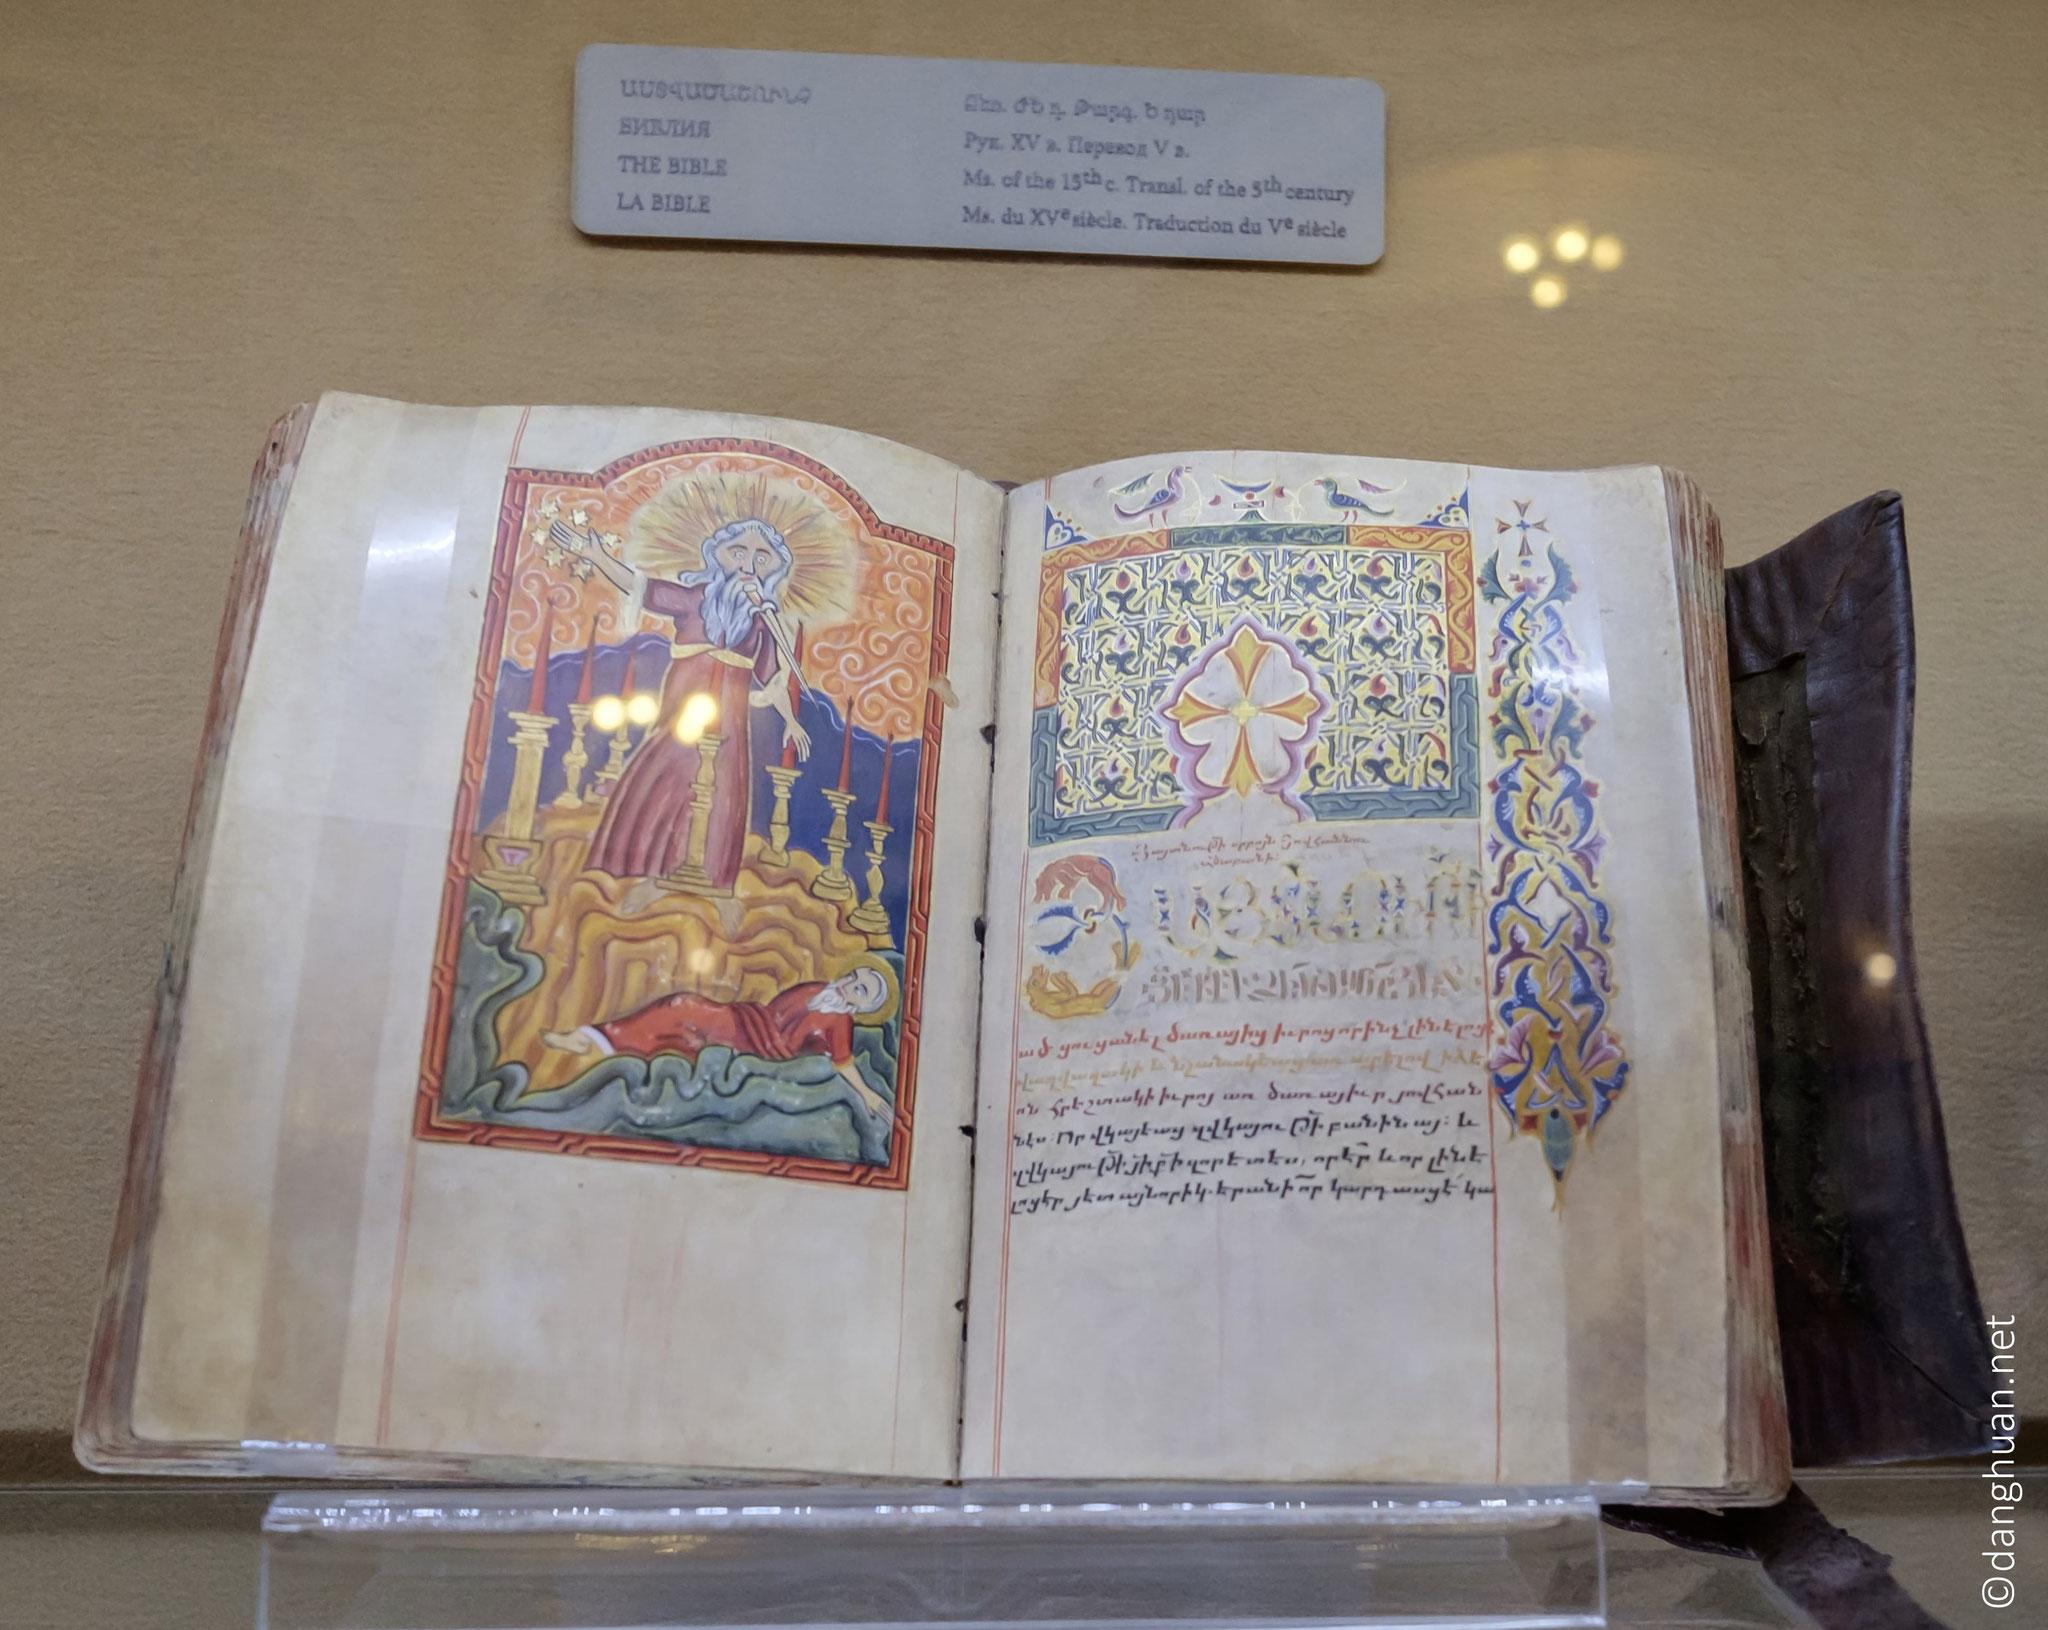 Auparavant, les officieux religieux étaient rédigés en grec et en syriaque, mais aucun de ces alphabets ne correspondait à la richesse sonore de la langue arménienne